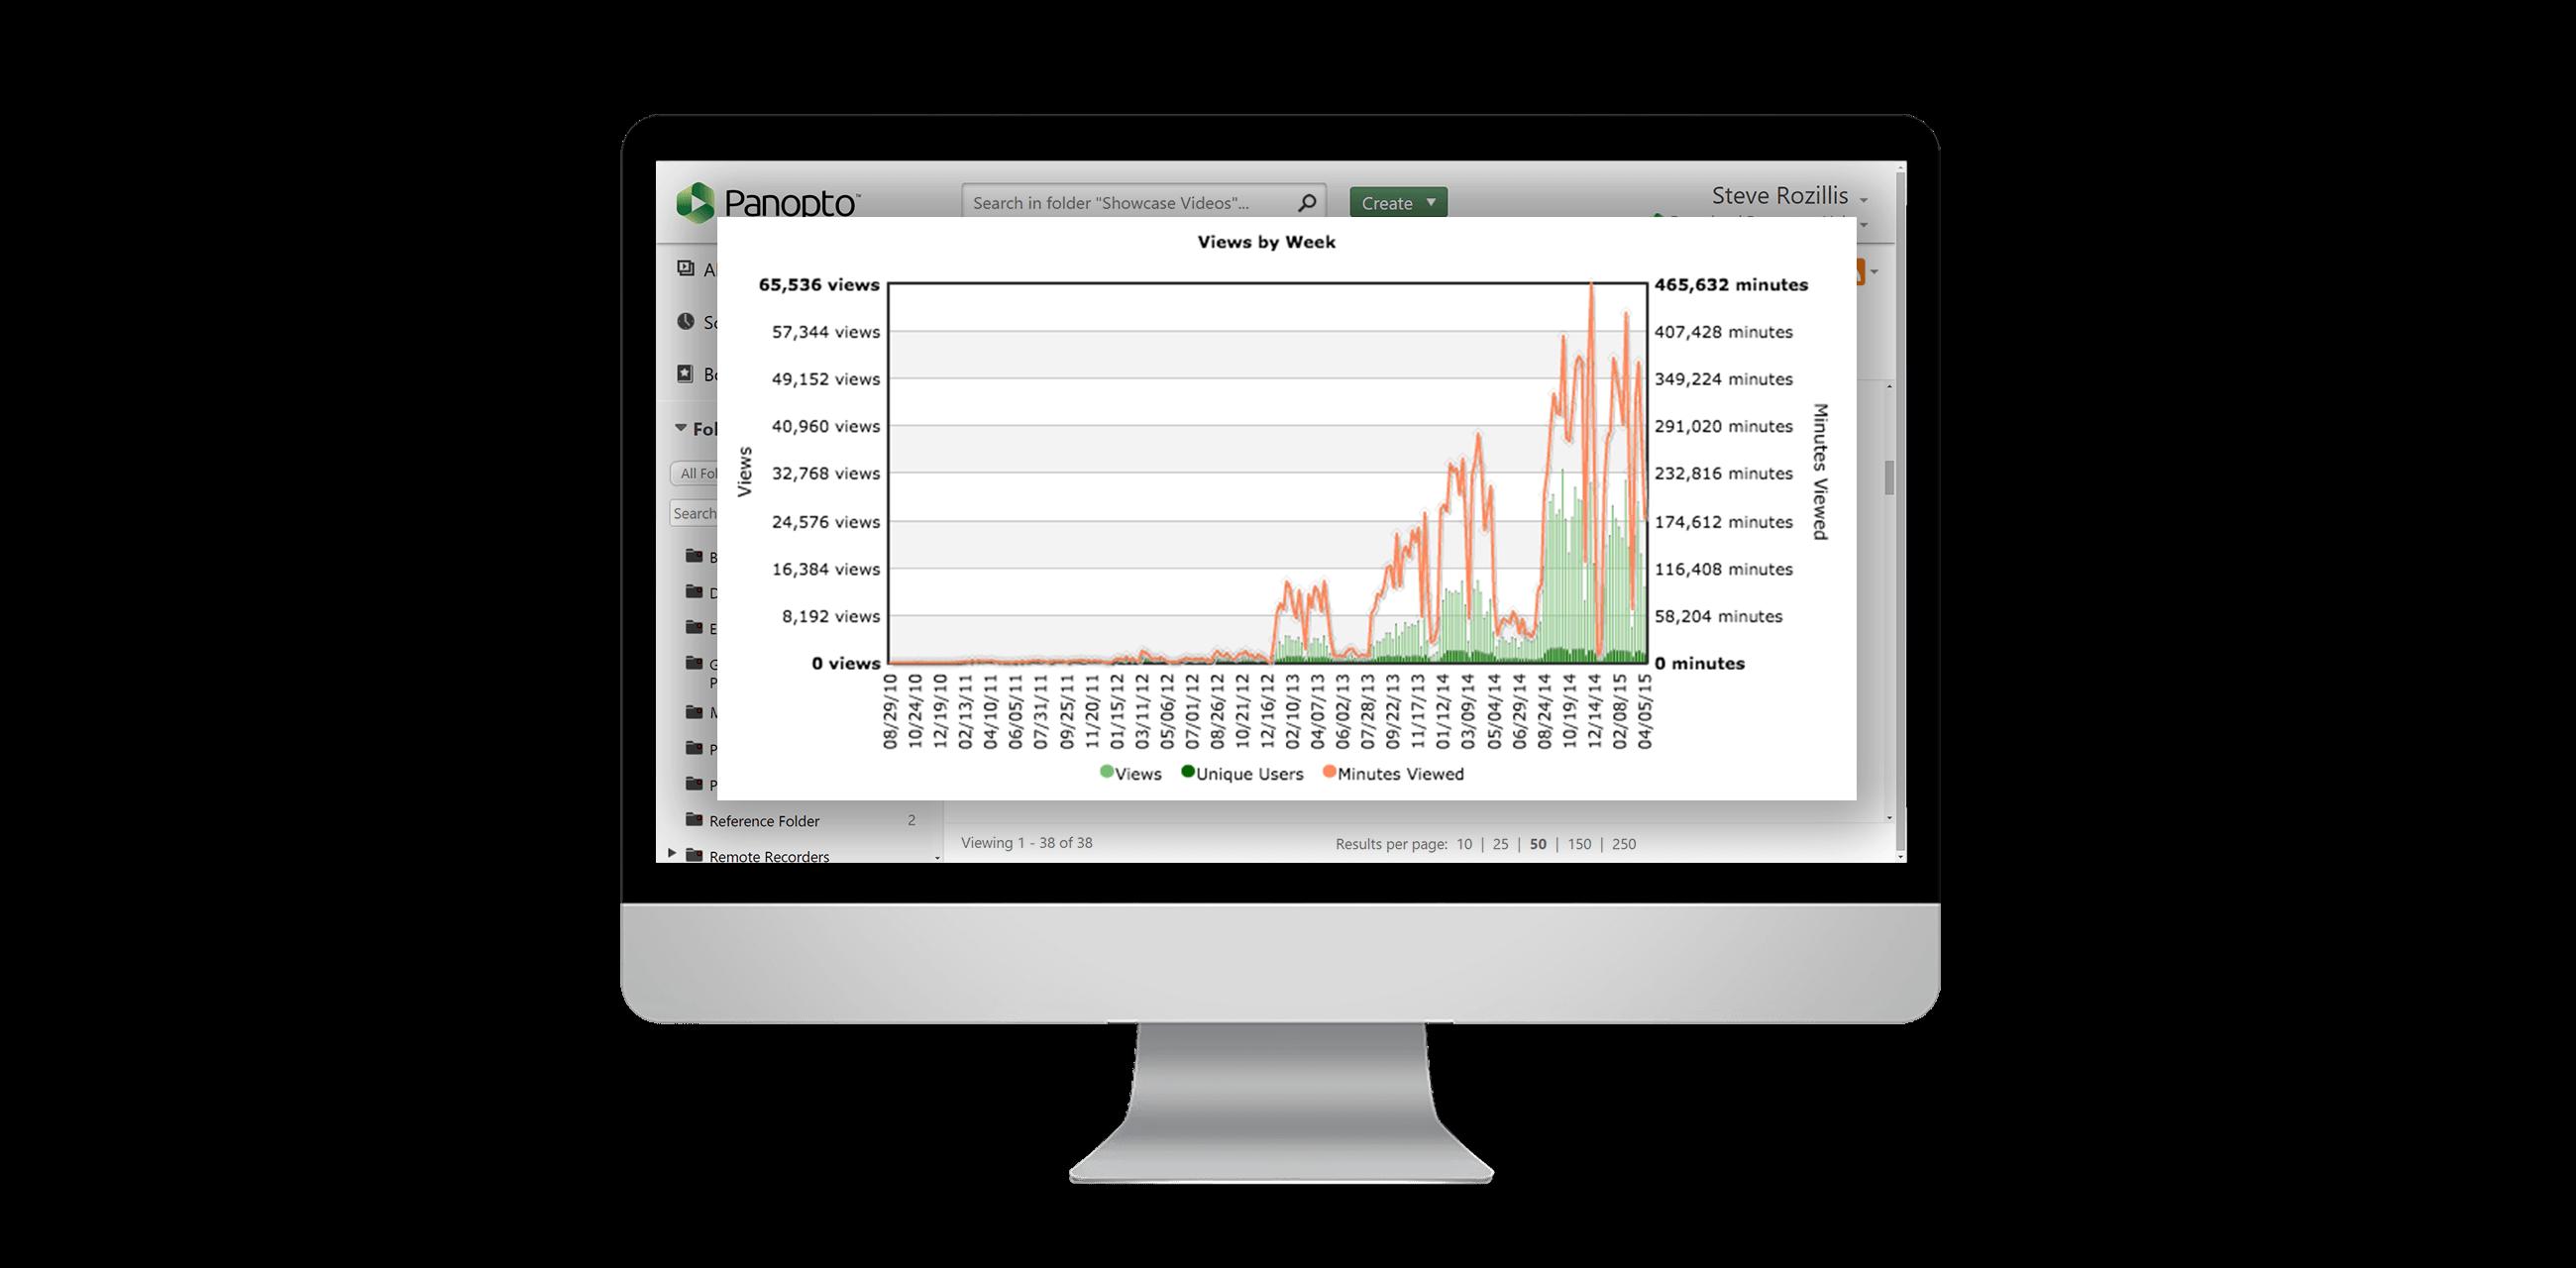 Video Analytics Engagement Dashboard Panopto Video Platform